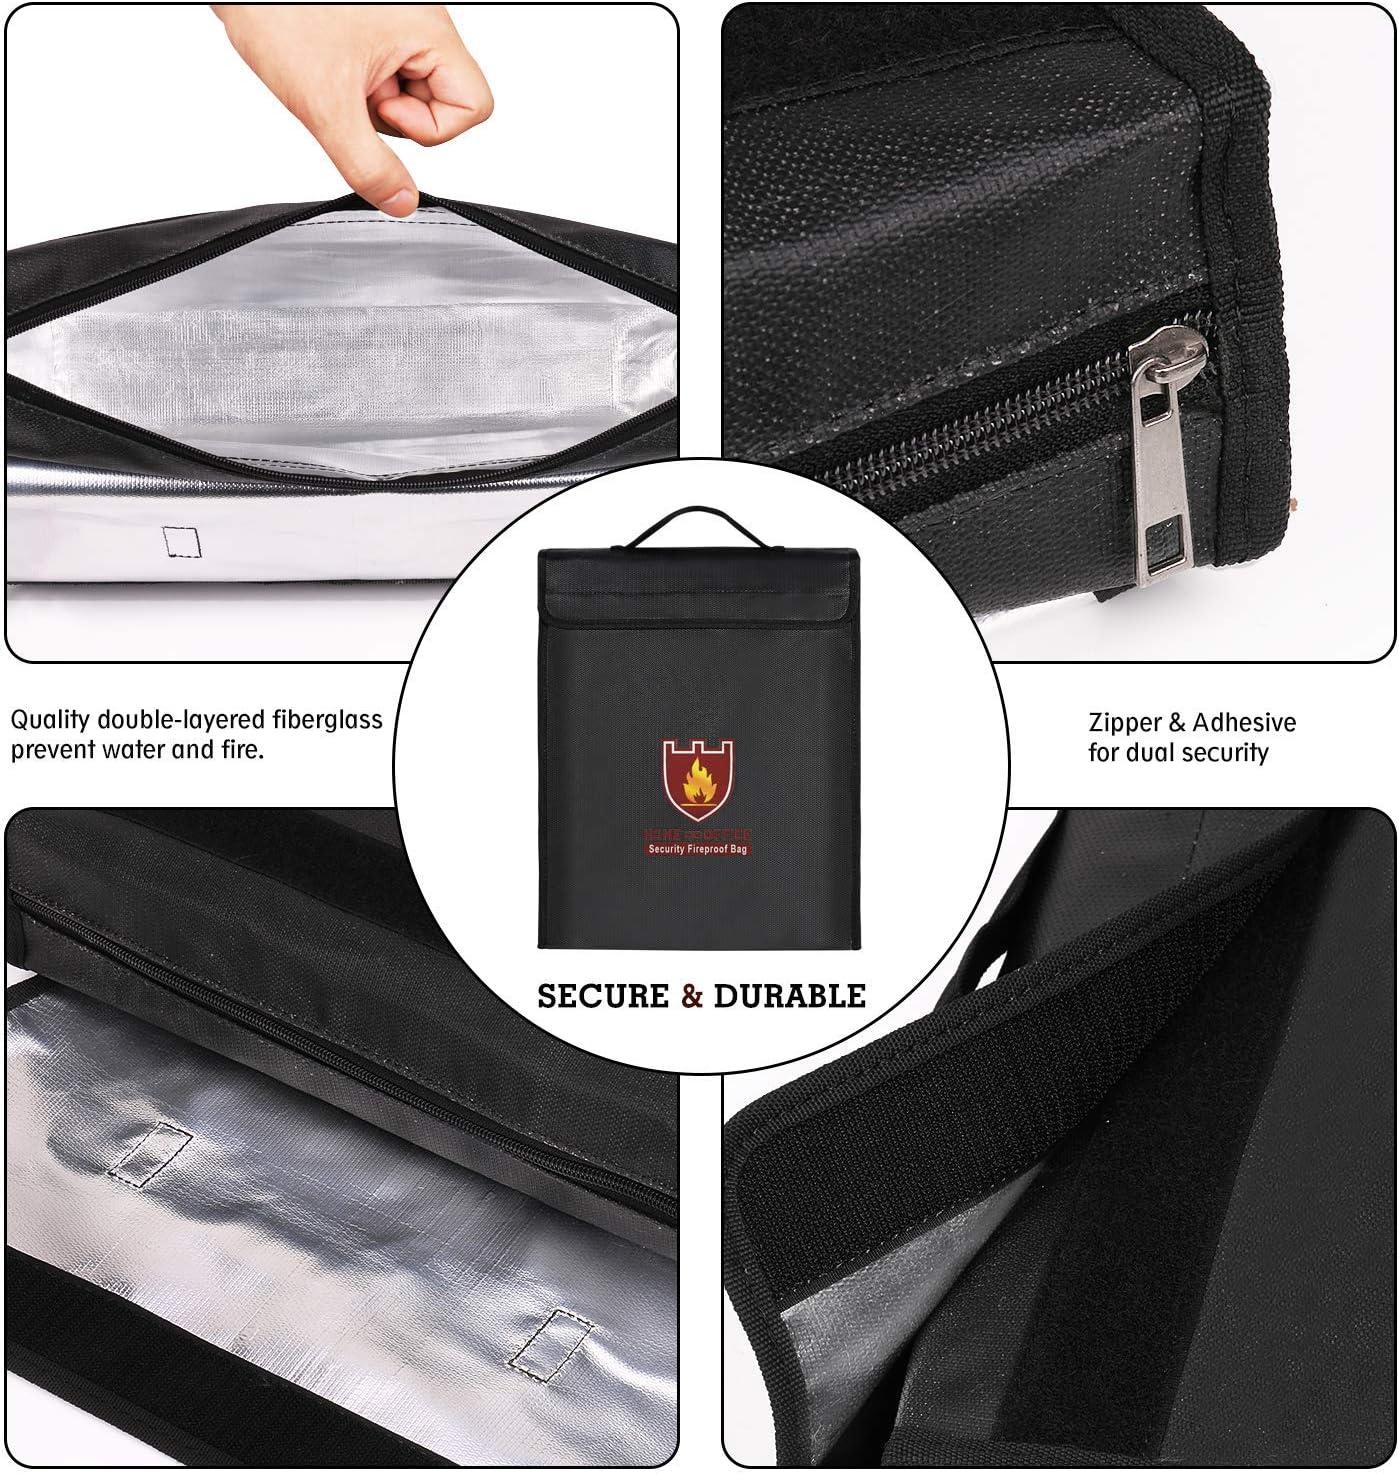 Cierre de Velcro Fuego Fija para Documentos Fuego y Agua Best Integrado Dinero Bolso//bater/ía de Fibra de Vidrio con Revestimiento de Silicona Negro Cremallera